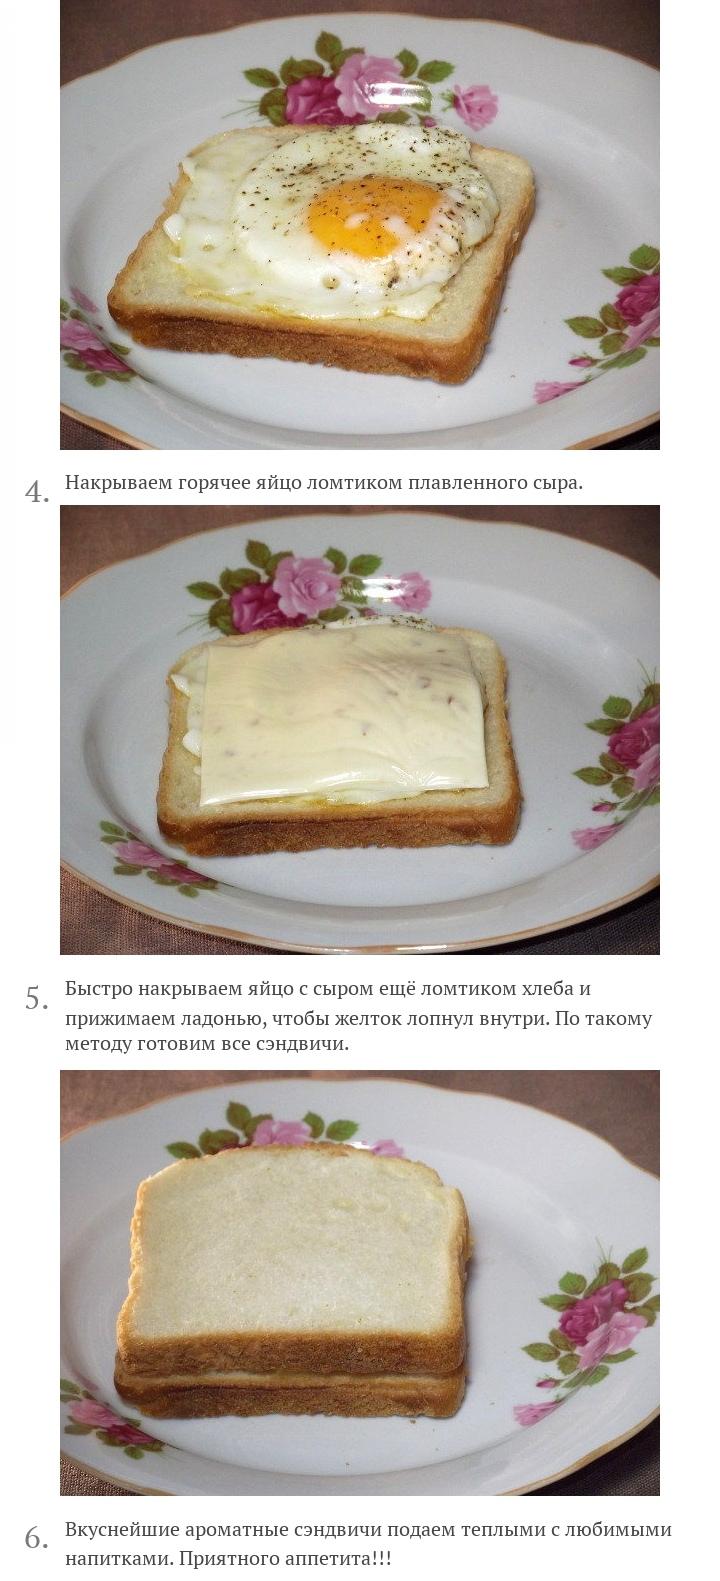 Теплый сэндвич с яйцом и плавленным сыром, изображение №3